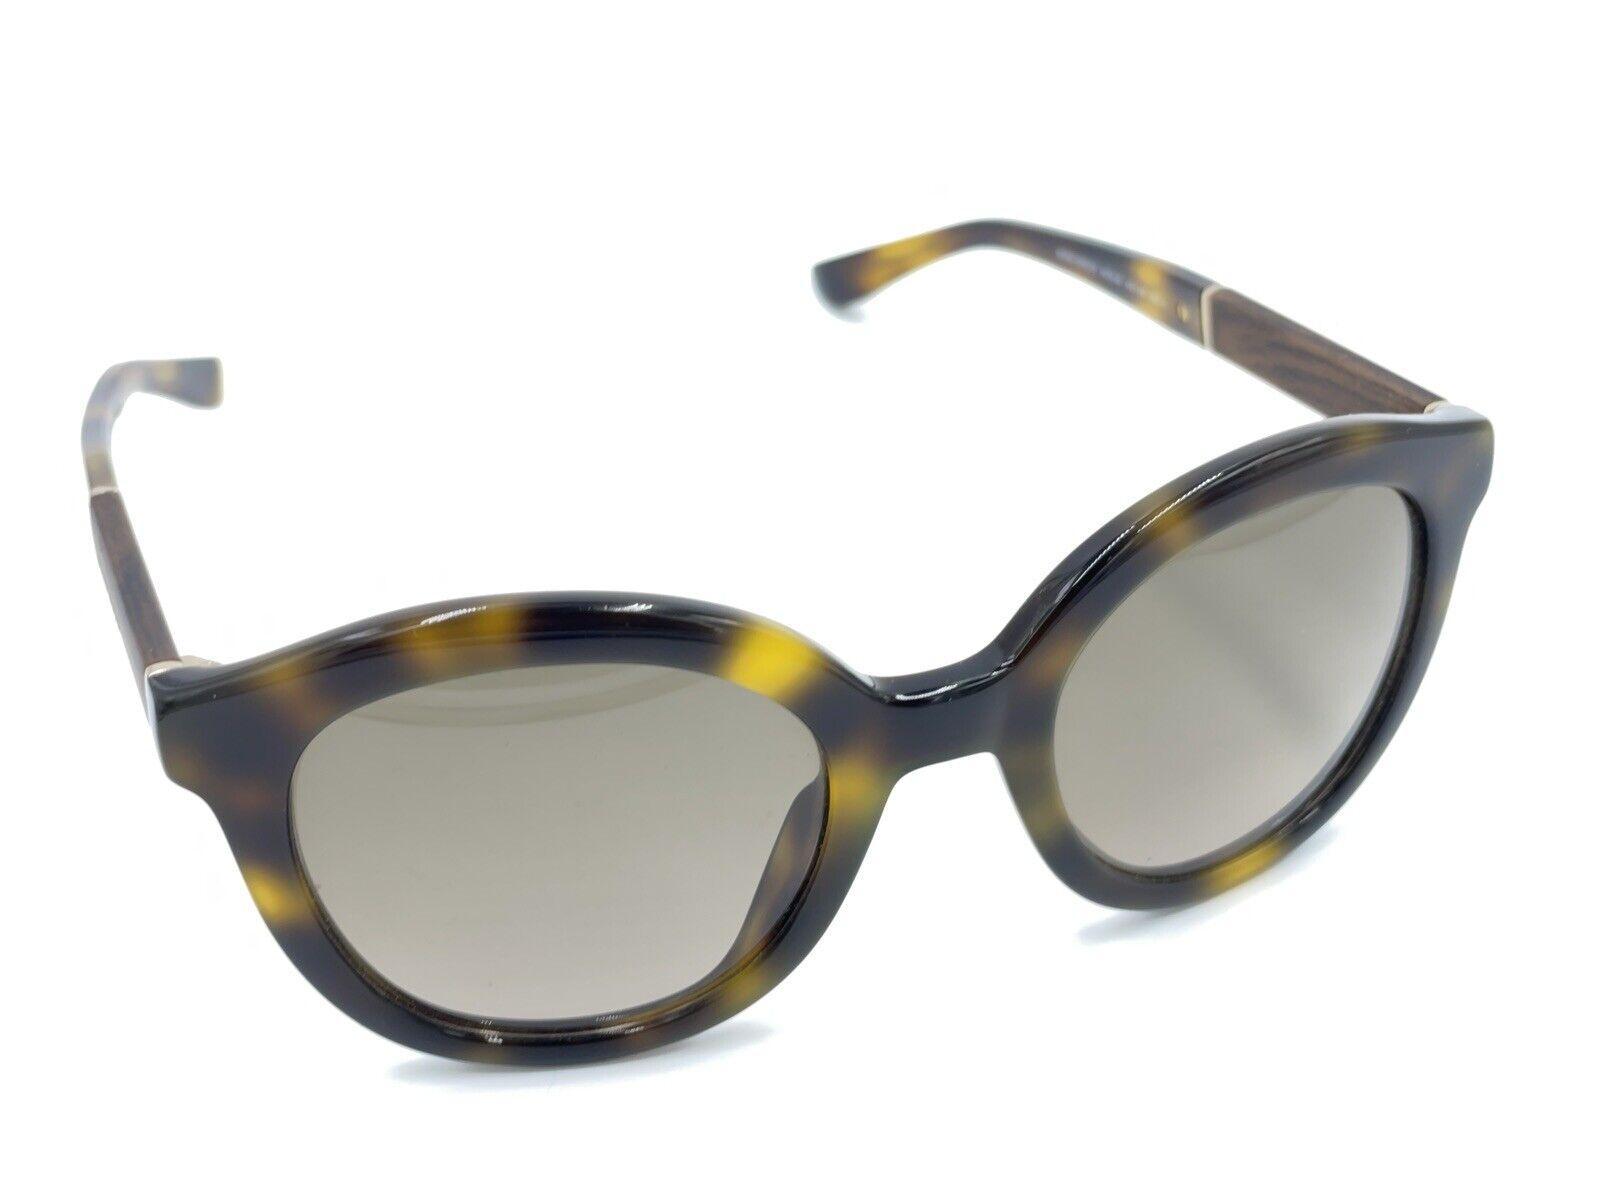 Hugo Boss NEW BOSS 0662/S NOXJ6 Tortoise Round Sunglasses 49-22 140 Italy